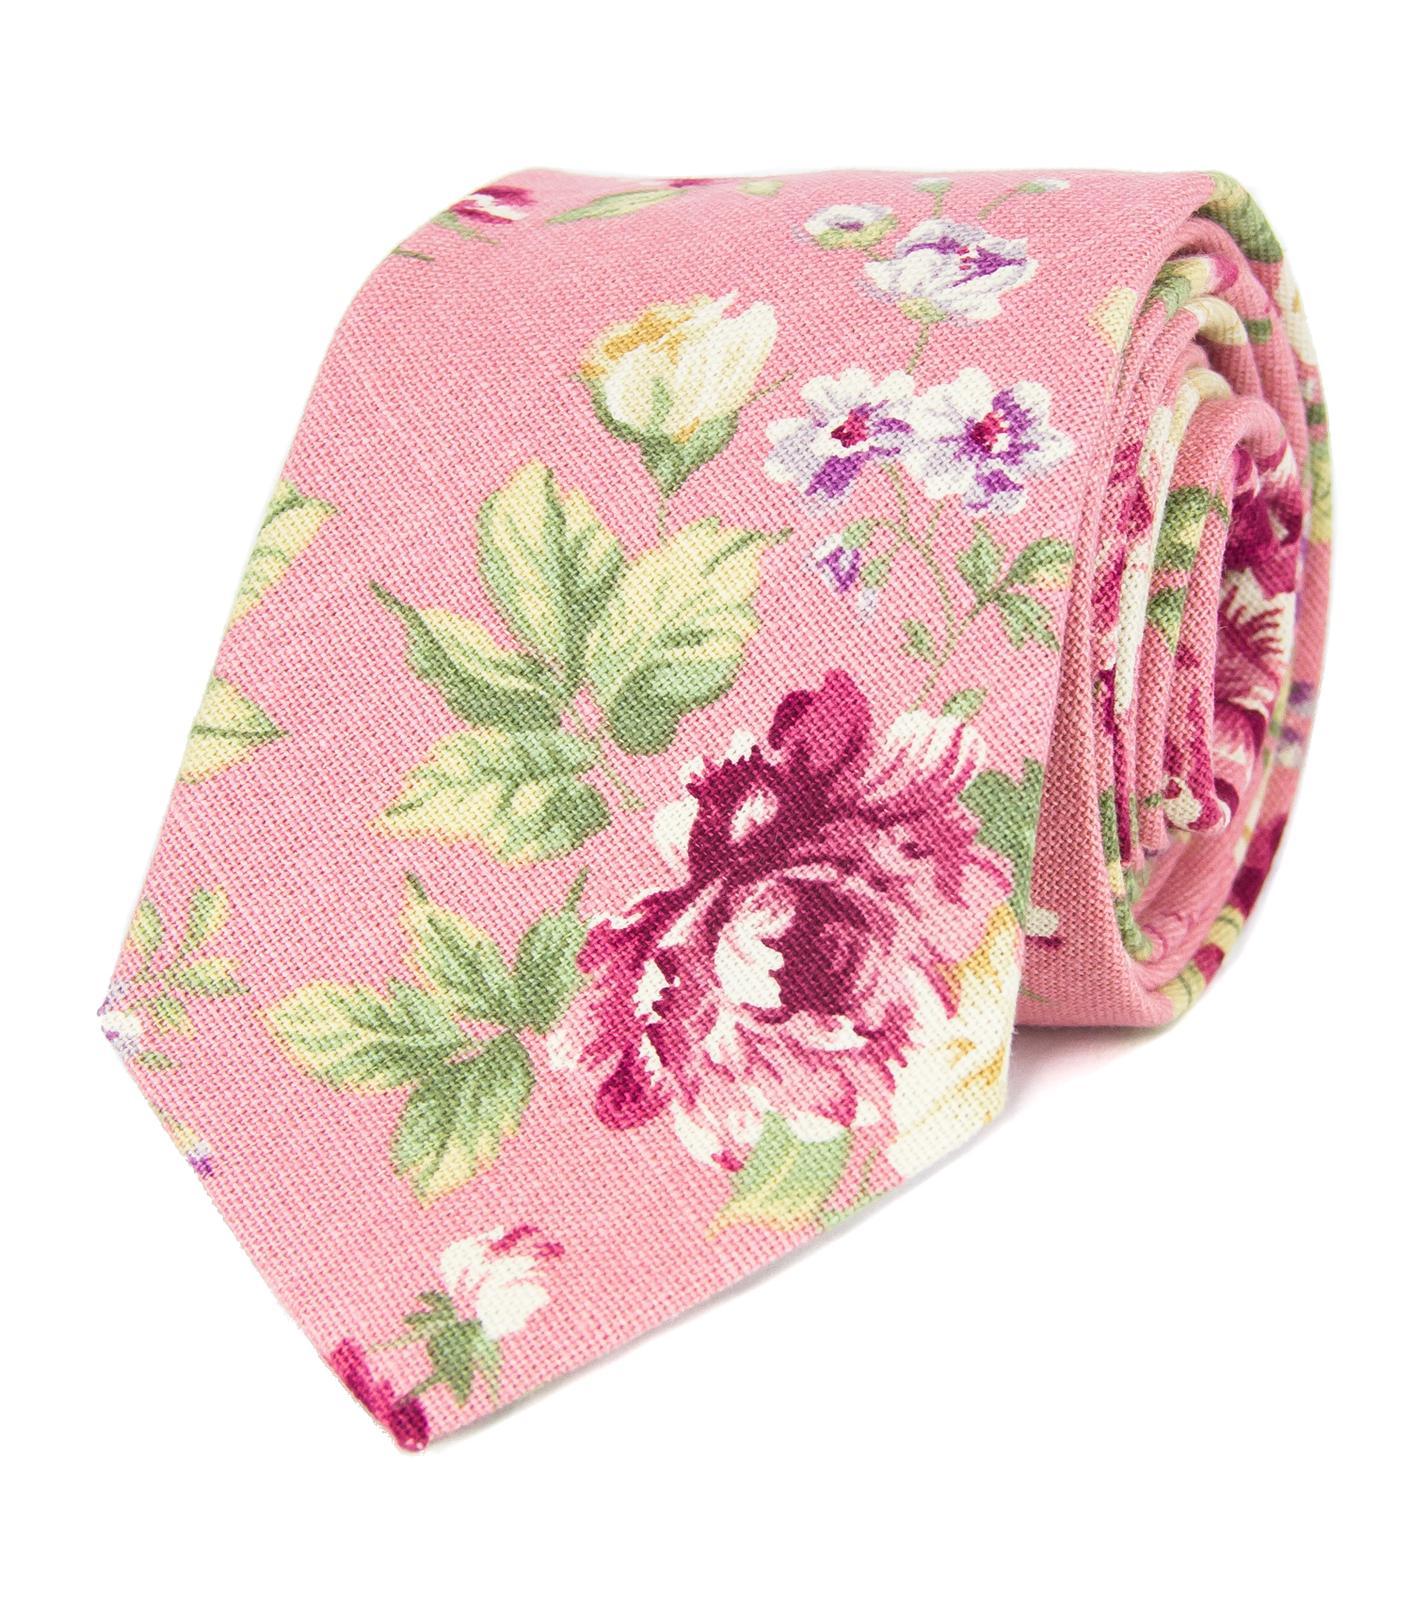 Růžová kravata s květy - Obrázok č. 1